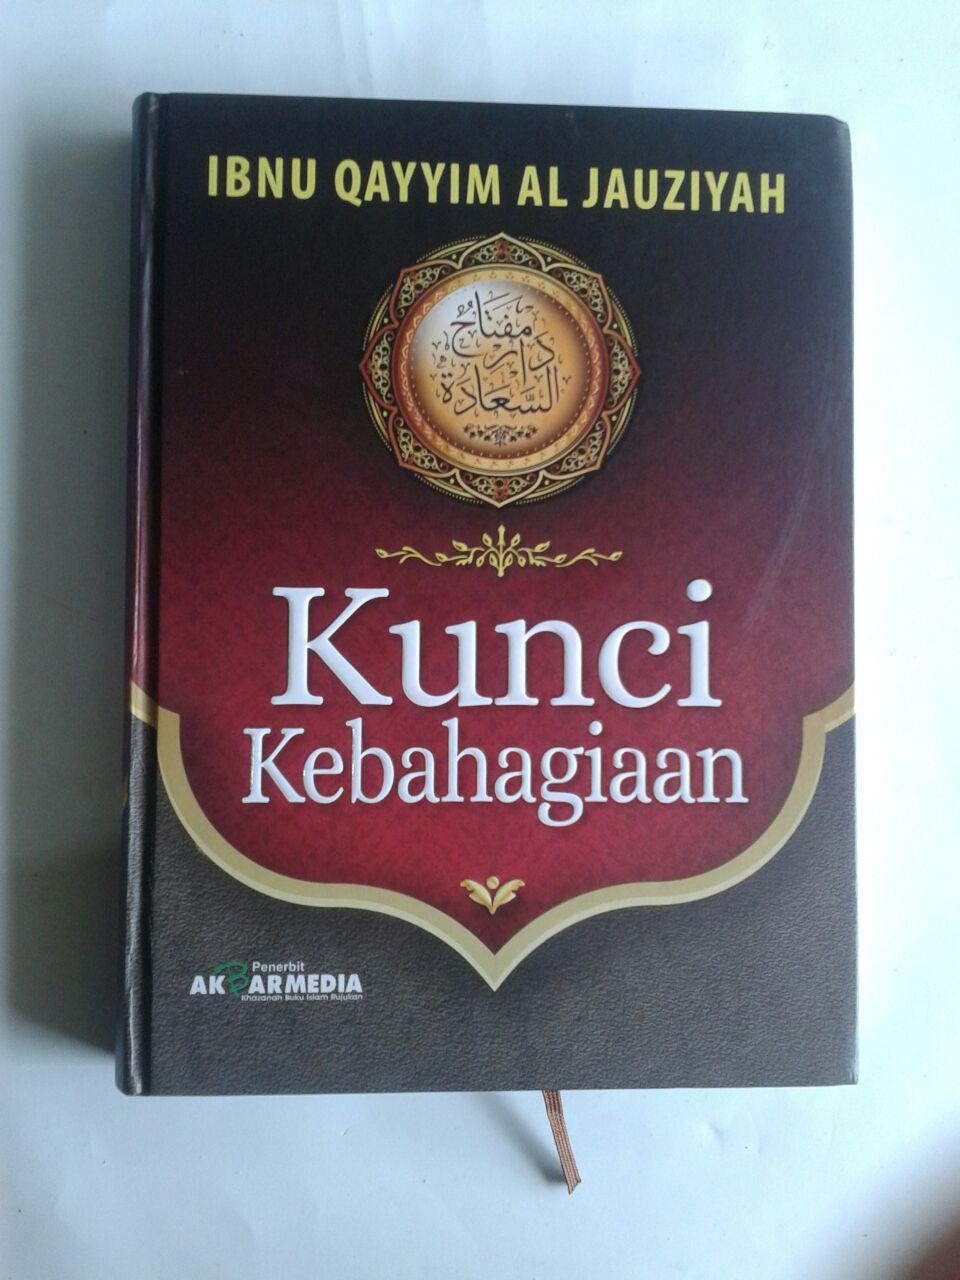 Buku Kunci Kebahagiaan cover 2